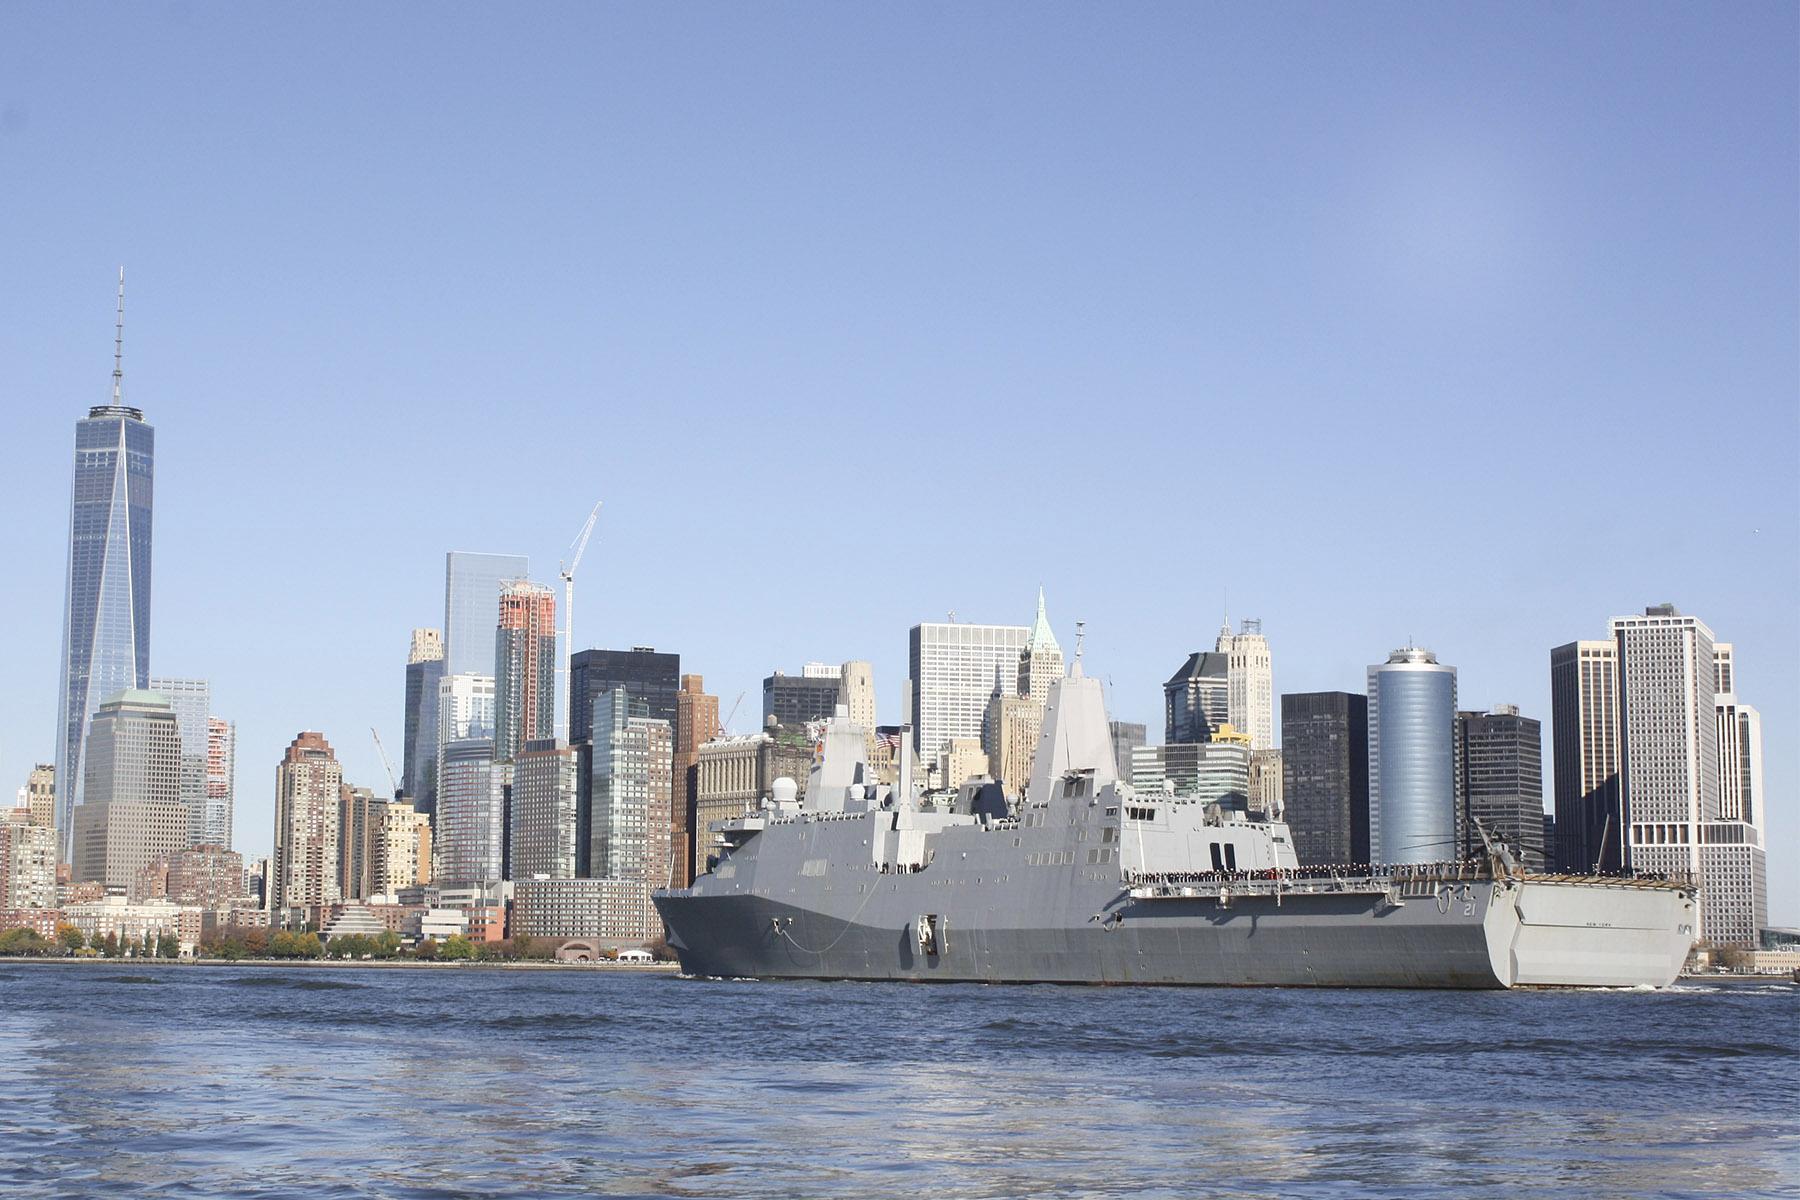 USS NEW YORK LPD-21 Einlaufen New York City am 08.11.2015 Bild: U.S. Navy